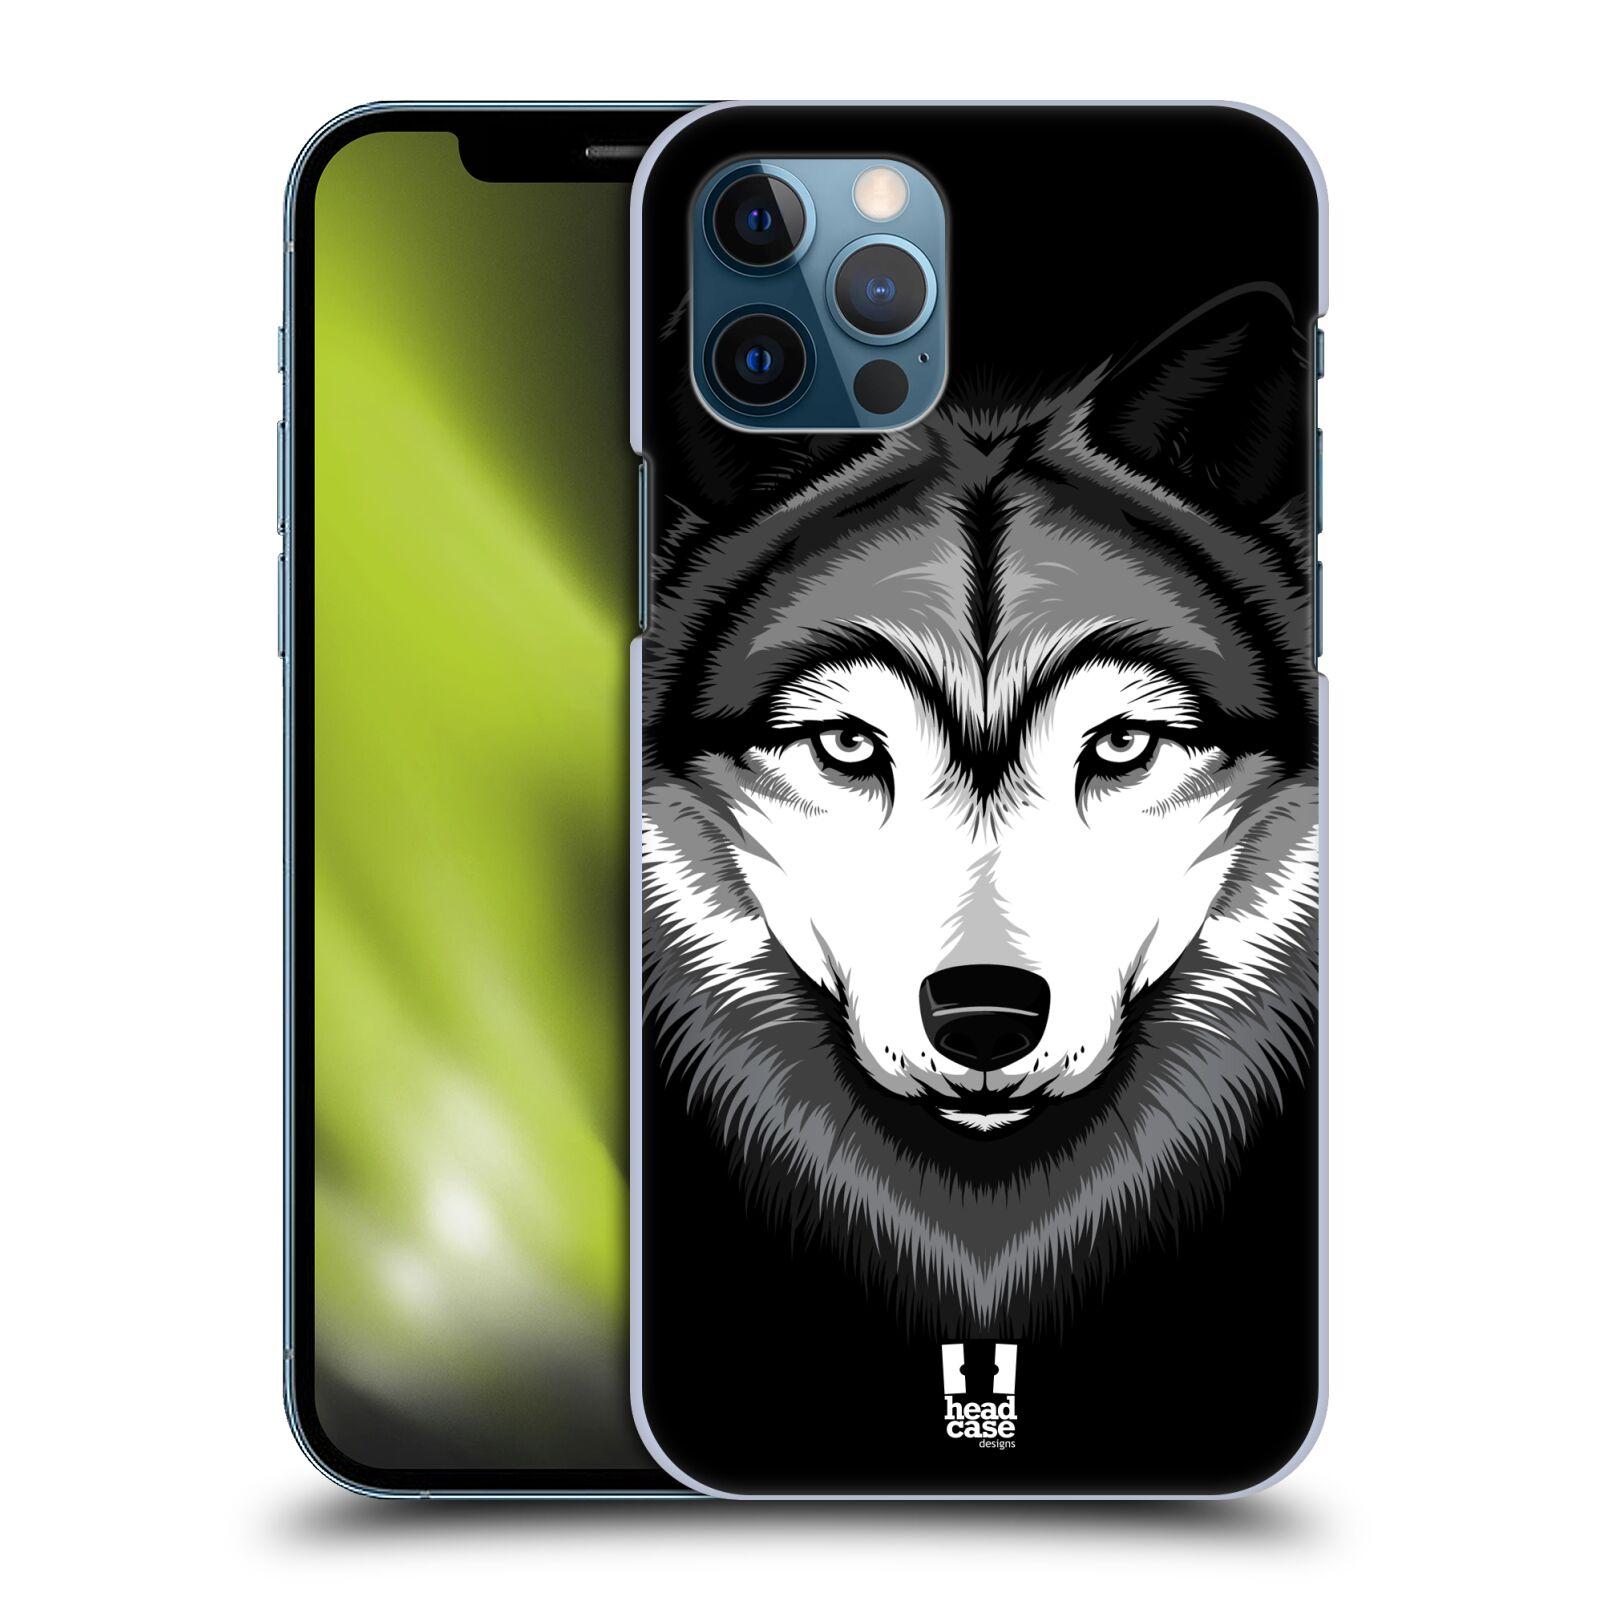 Plastové pouzdro na mobil Apple iPhone 12 / 12 Pro - Head Case - ILUSTROVANÝ VLK